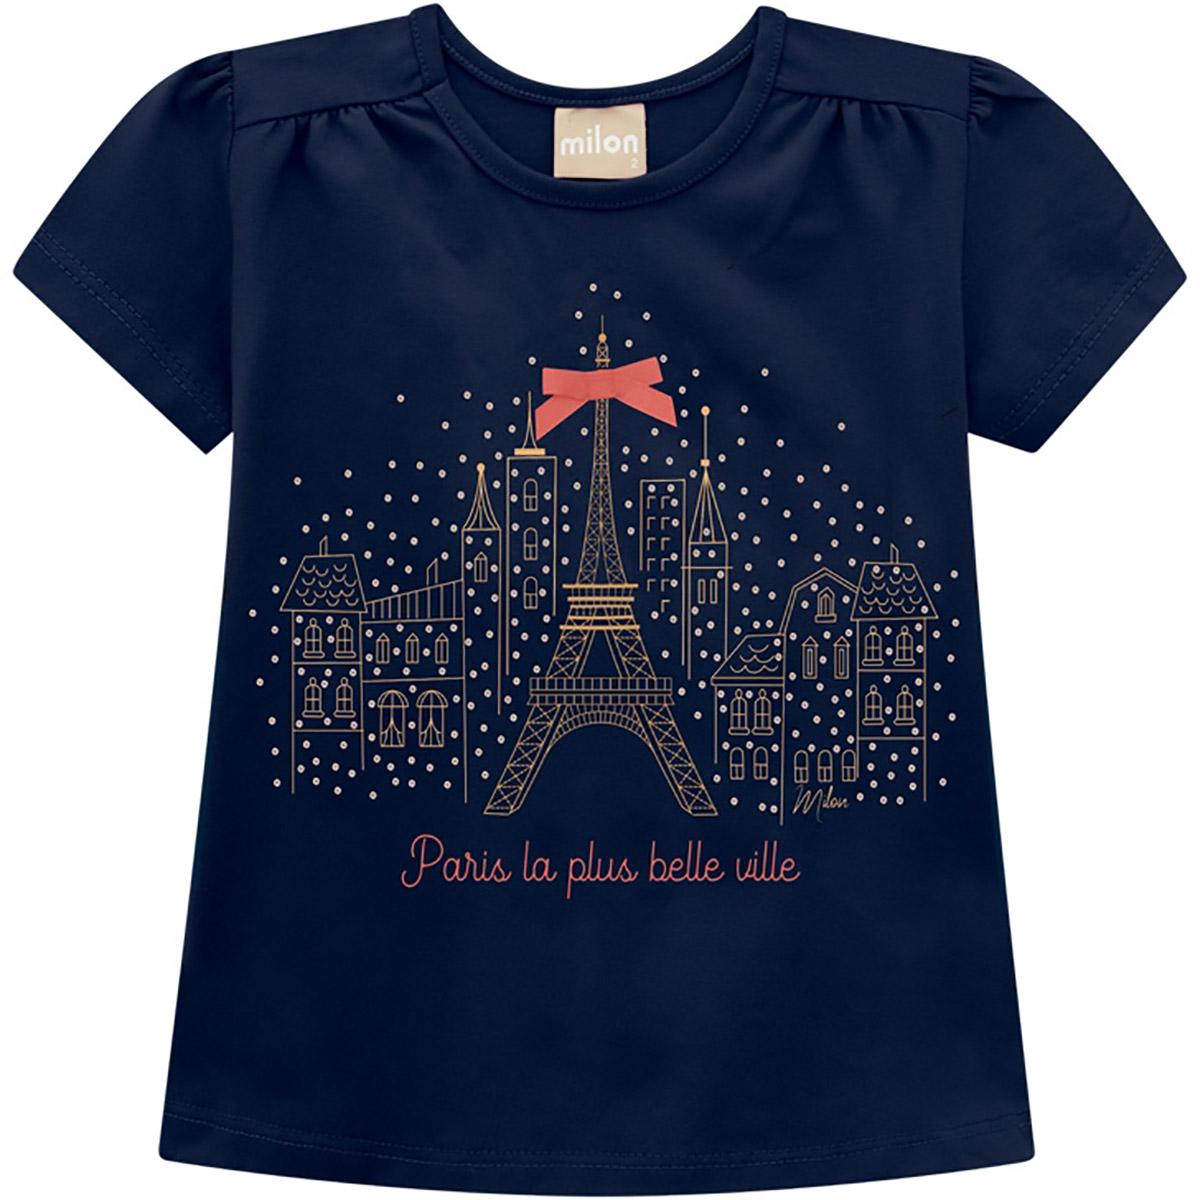 Conjunto Milon Feminino Bebê Paris La Plus Belle Ville